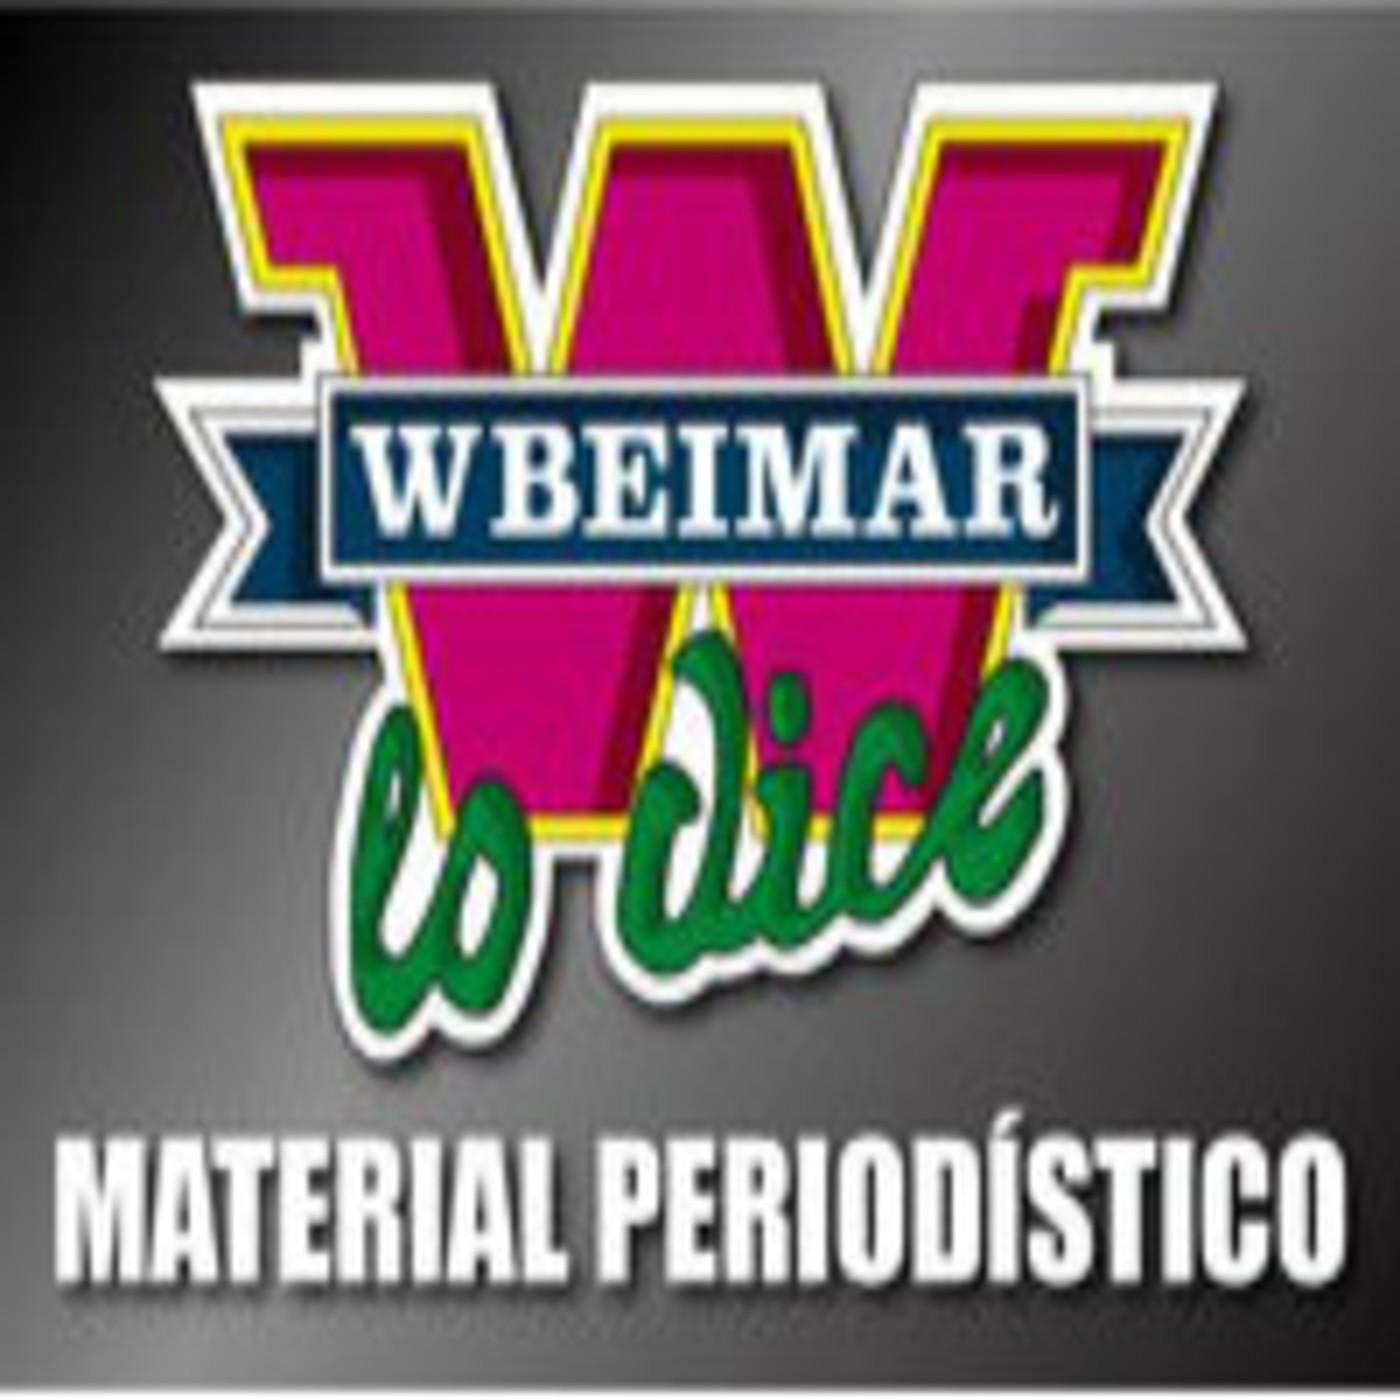 Editorial Wbeimar Muñoz - Mayo 9 de 2012